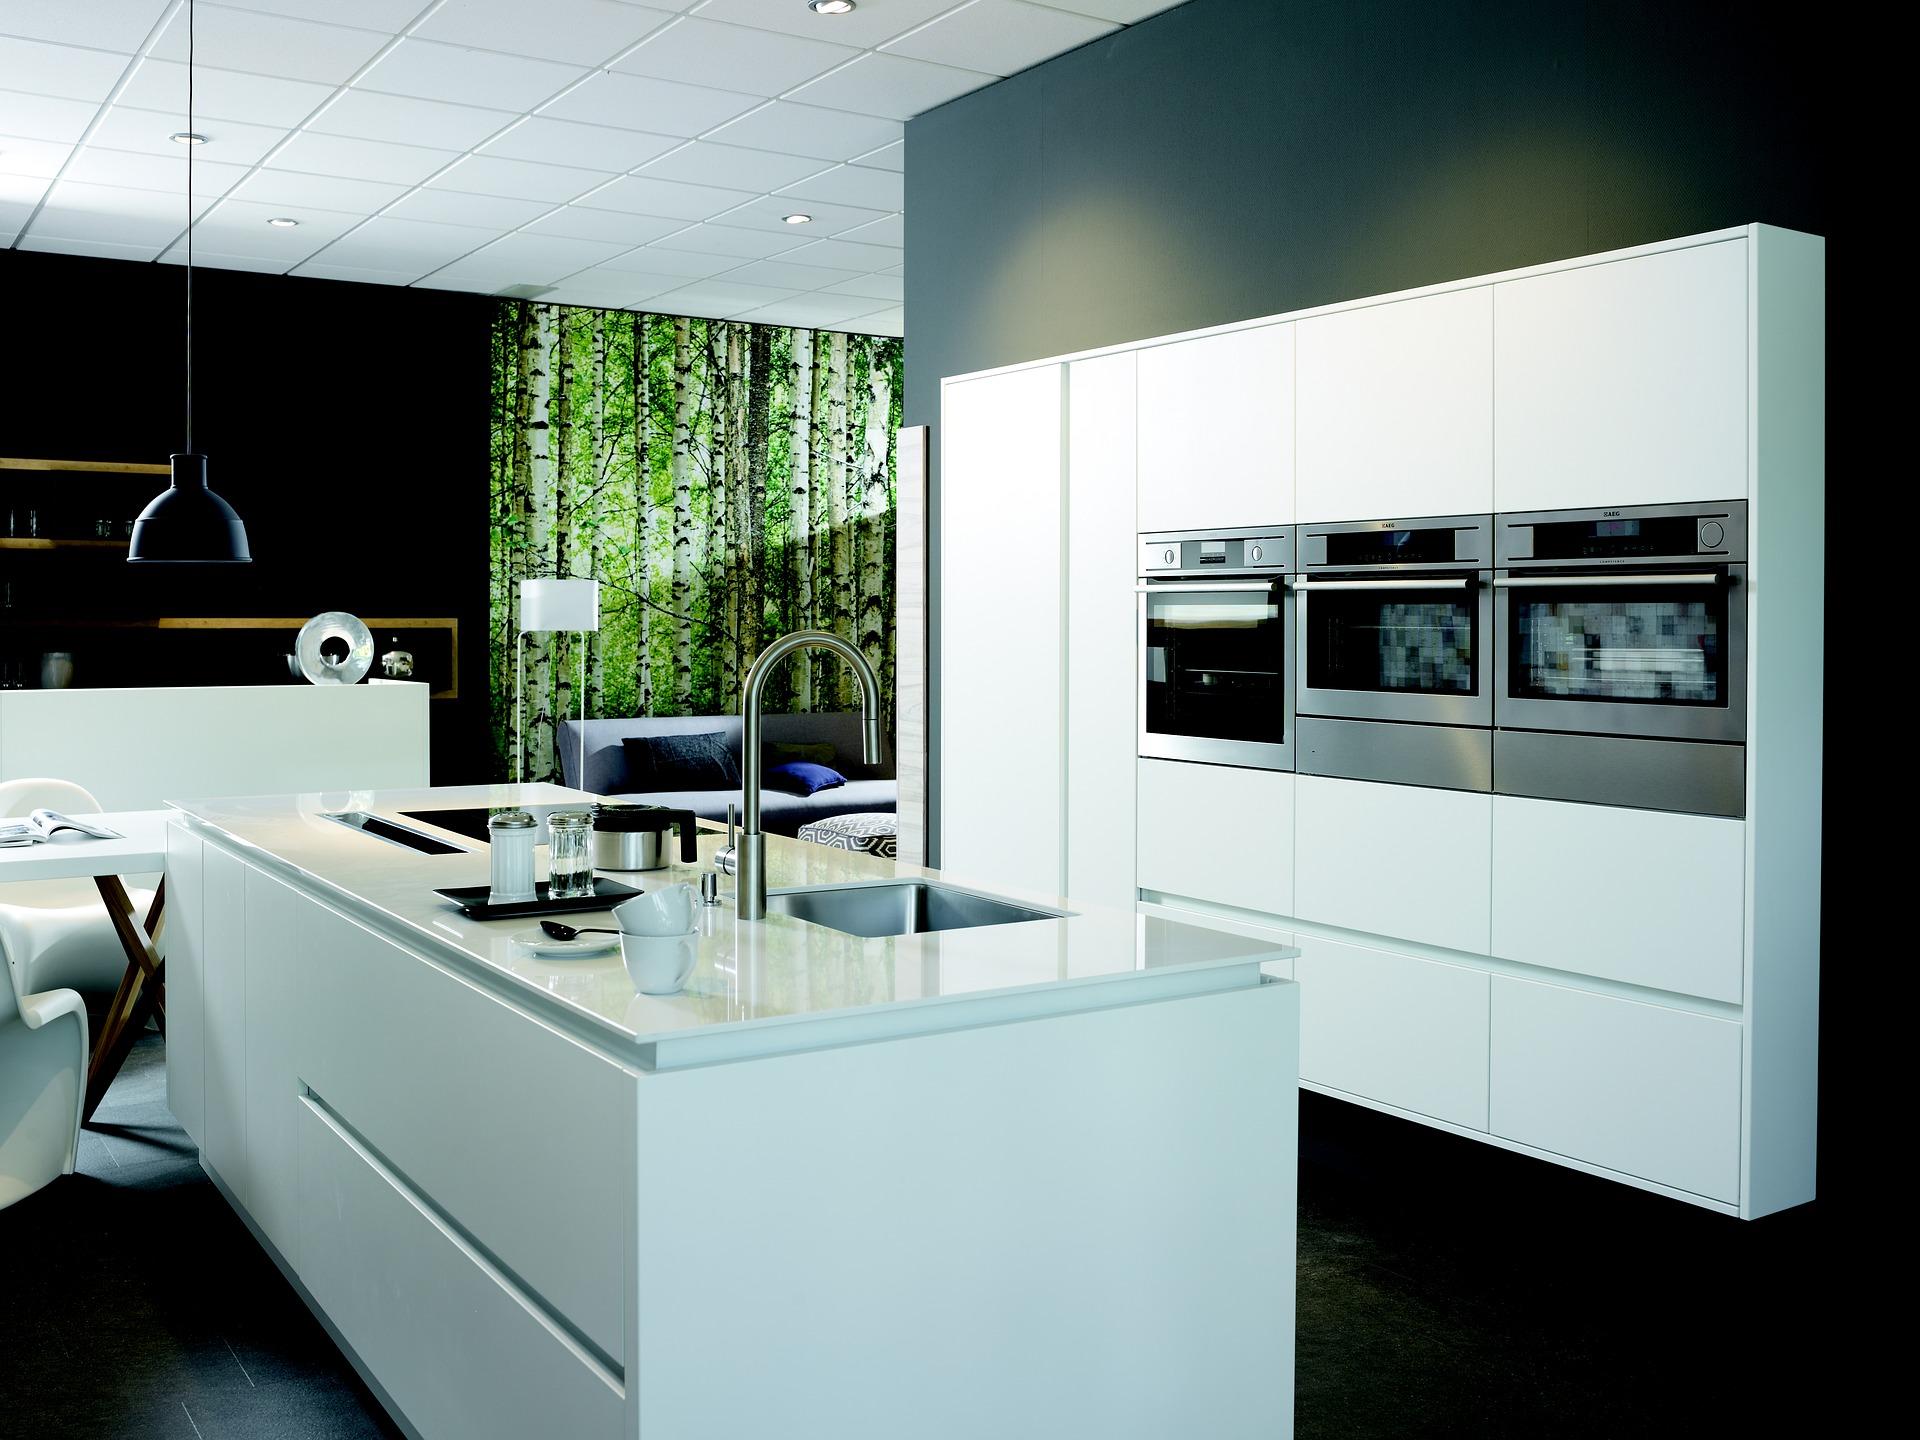 kitchen-2132608_1920